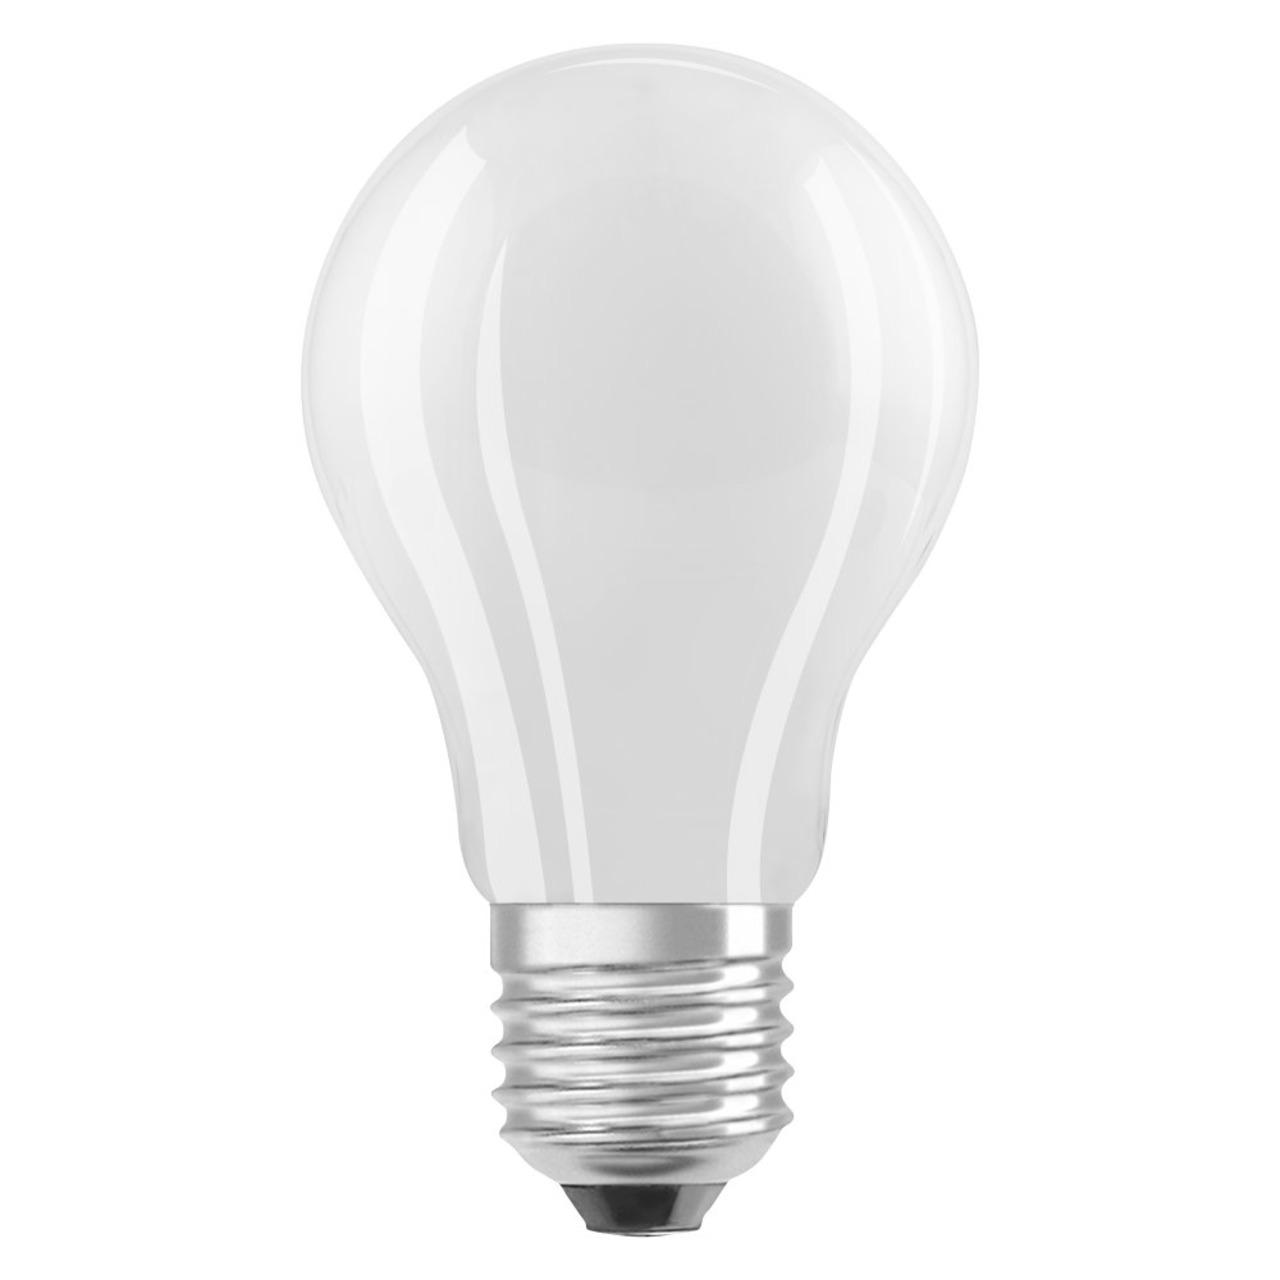 OSRAM LED Superstar 12-W-Filament-LED-Lampe E27- neutralweiss- matt- dimmbar